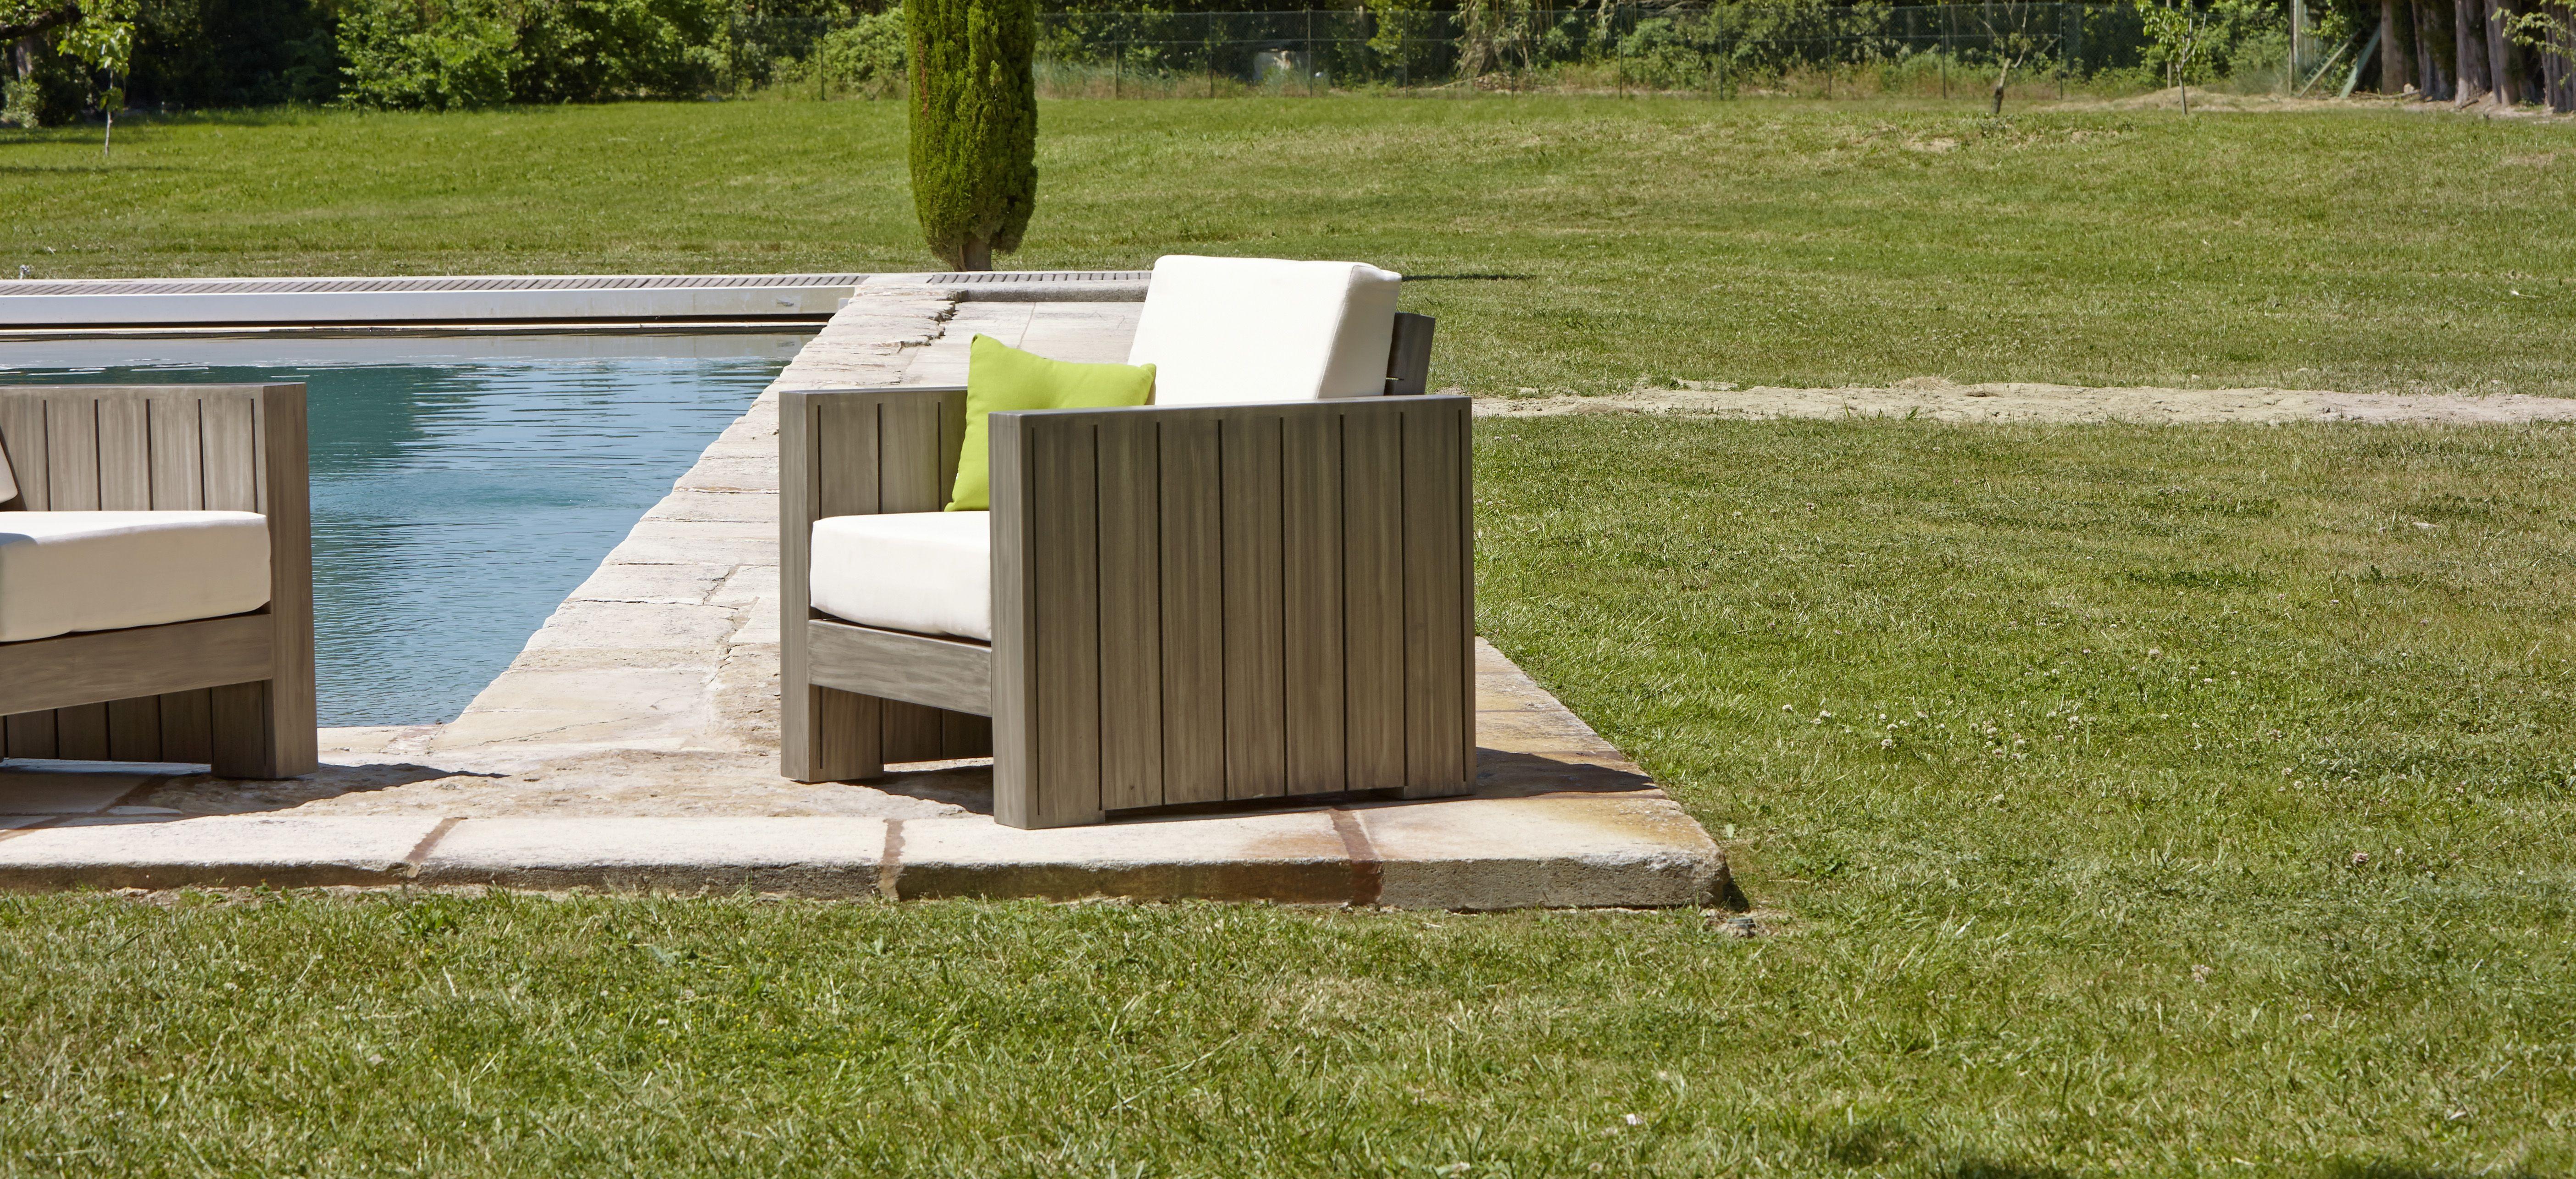 Vos Courses En Ligne Drive Livraison A Domicile Avec Carrefour Fr Decoration Exterieur Mobilier Jardin Ambiance Jardin